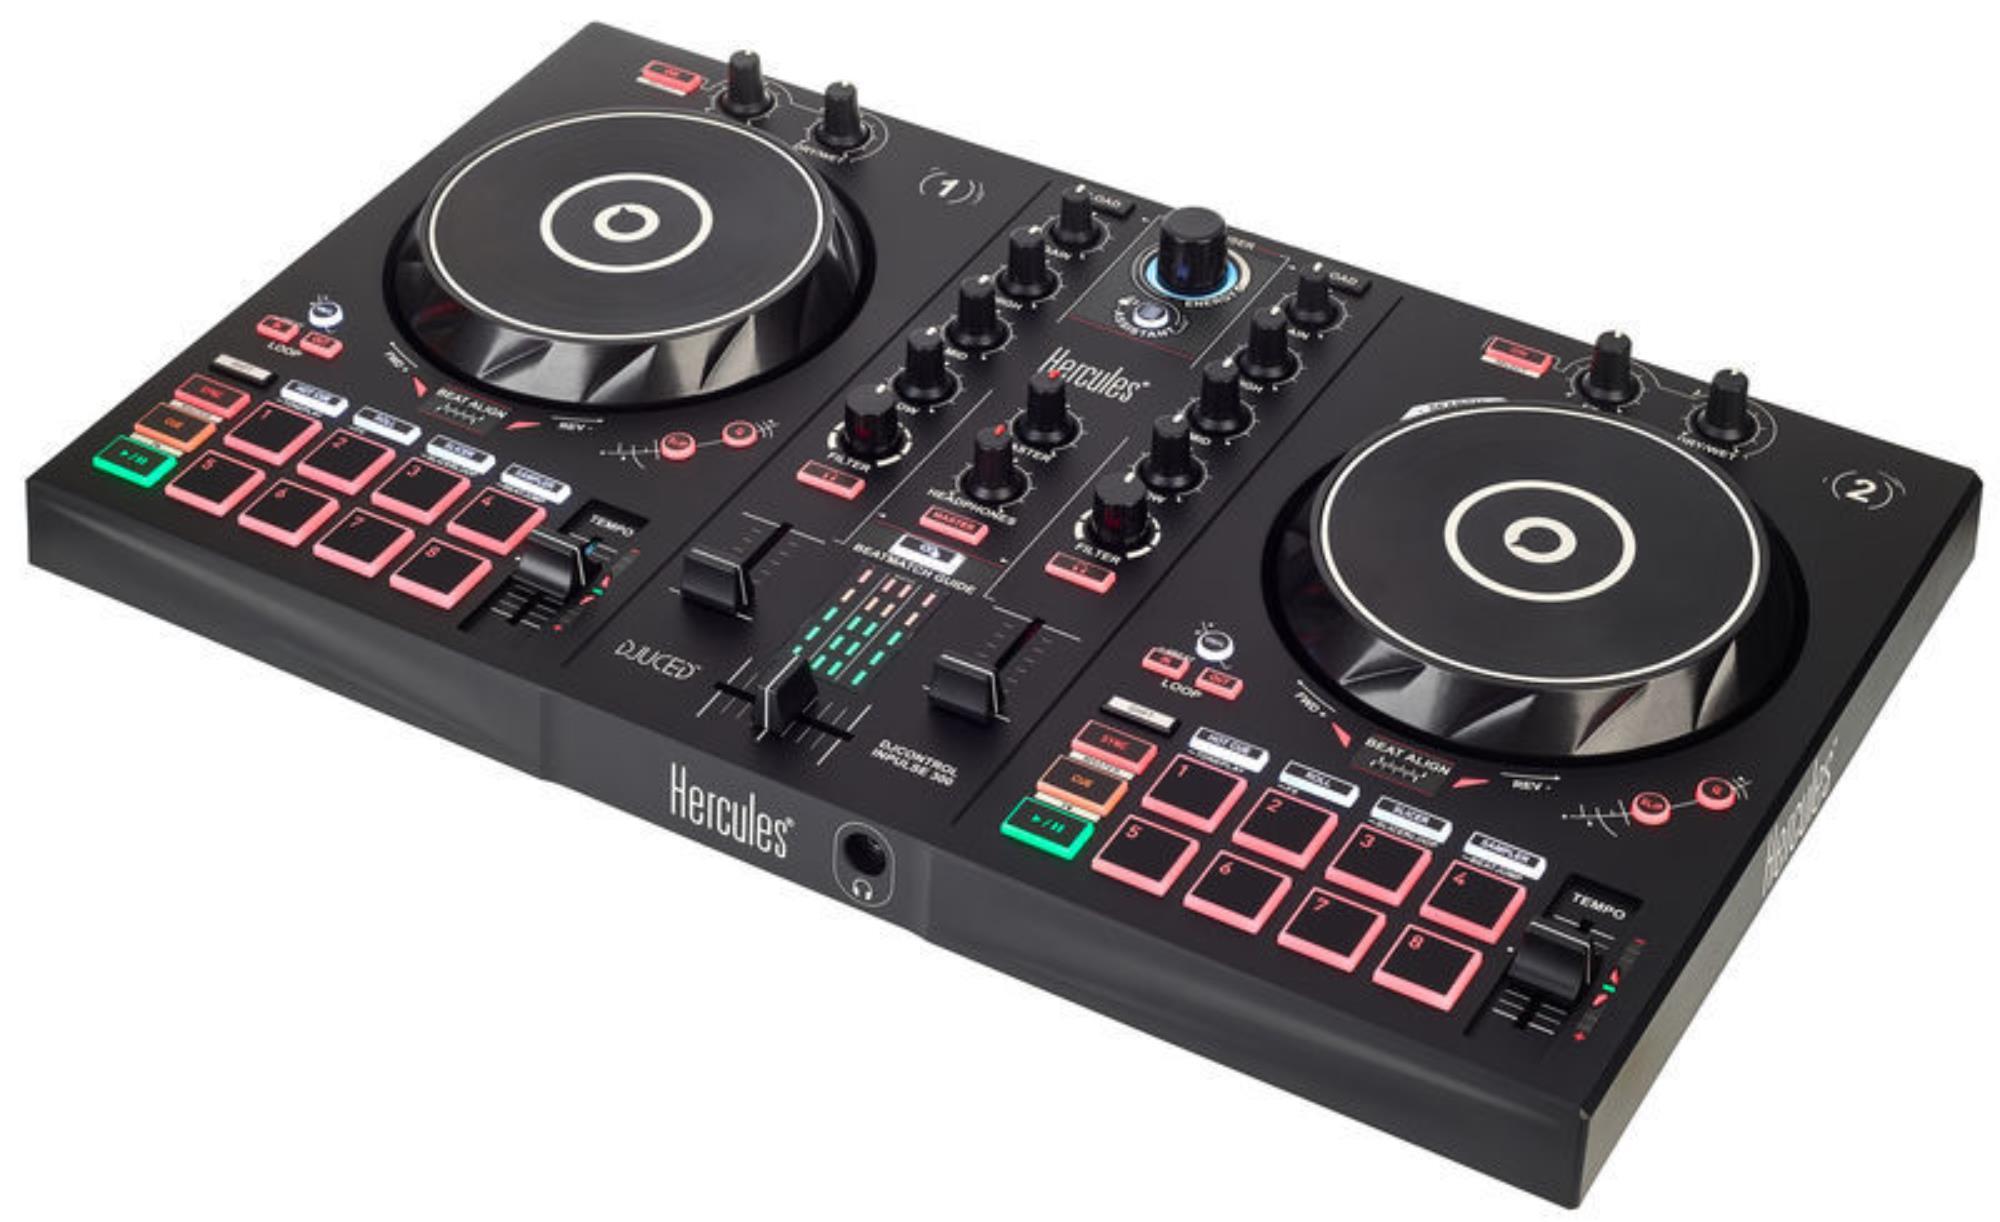 HERCULES-INPULSE-300-DJ-CONTROL-sku-24574